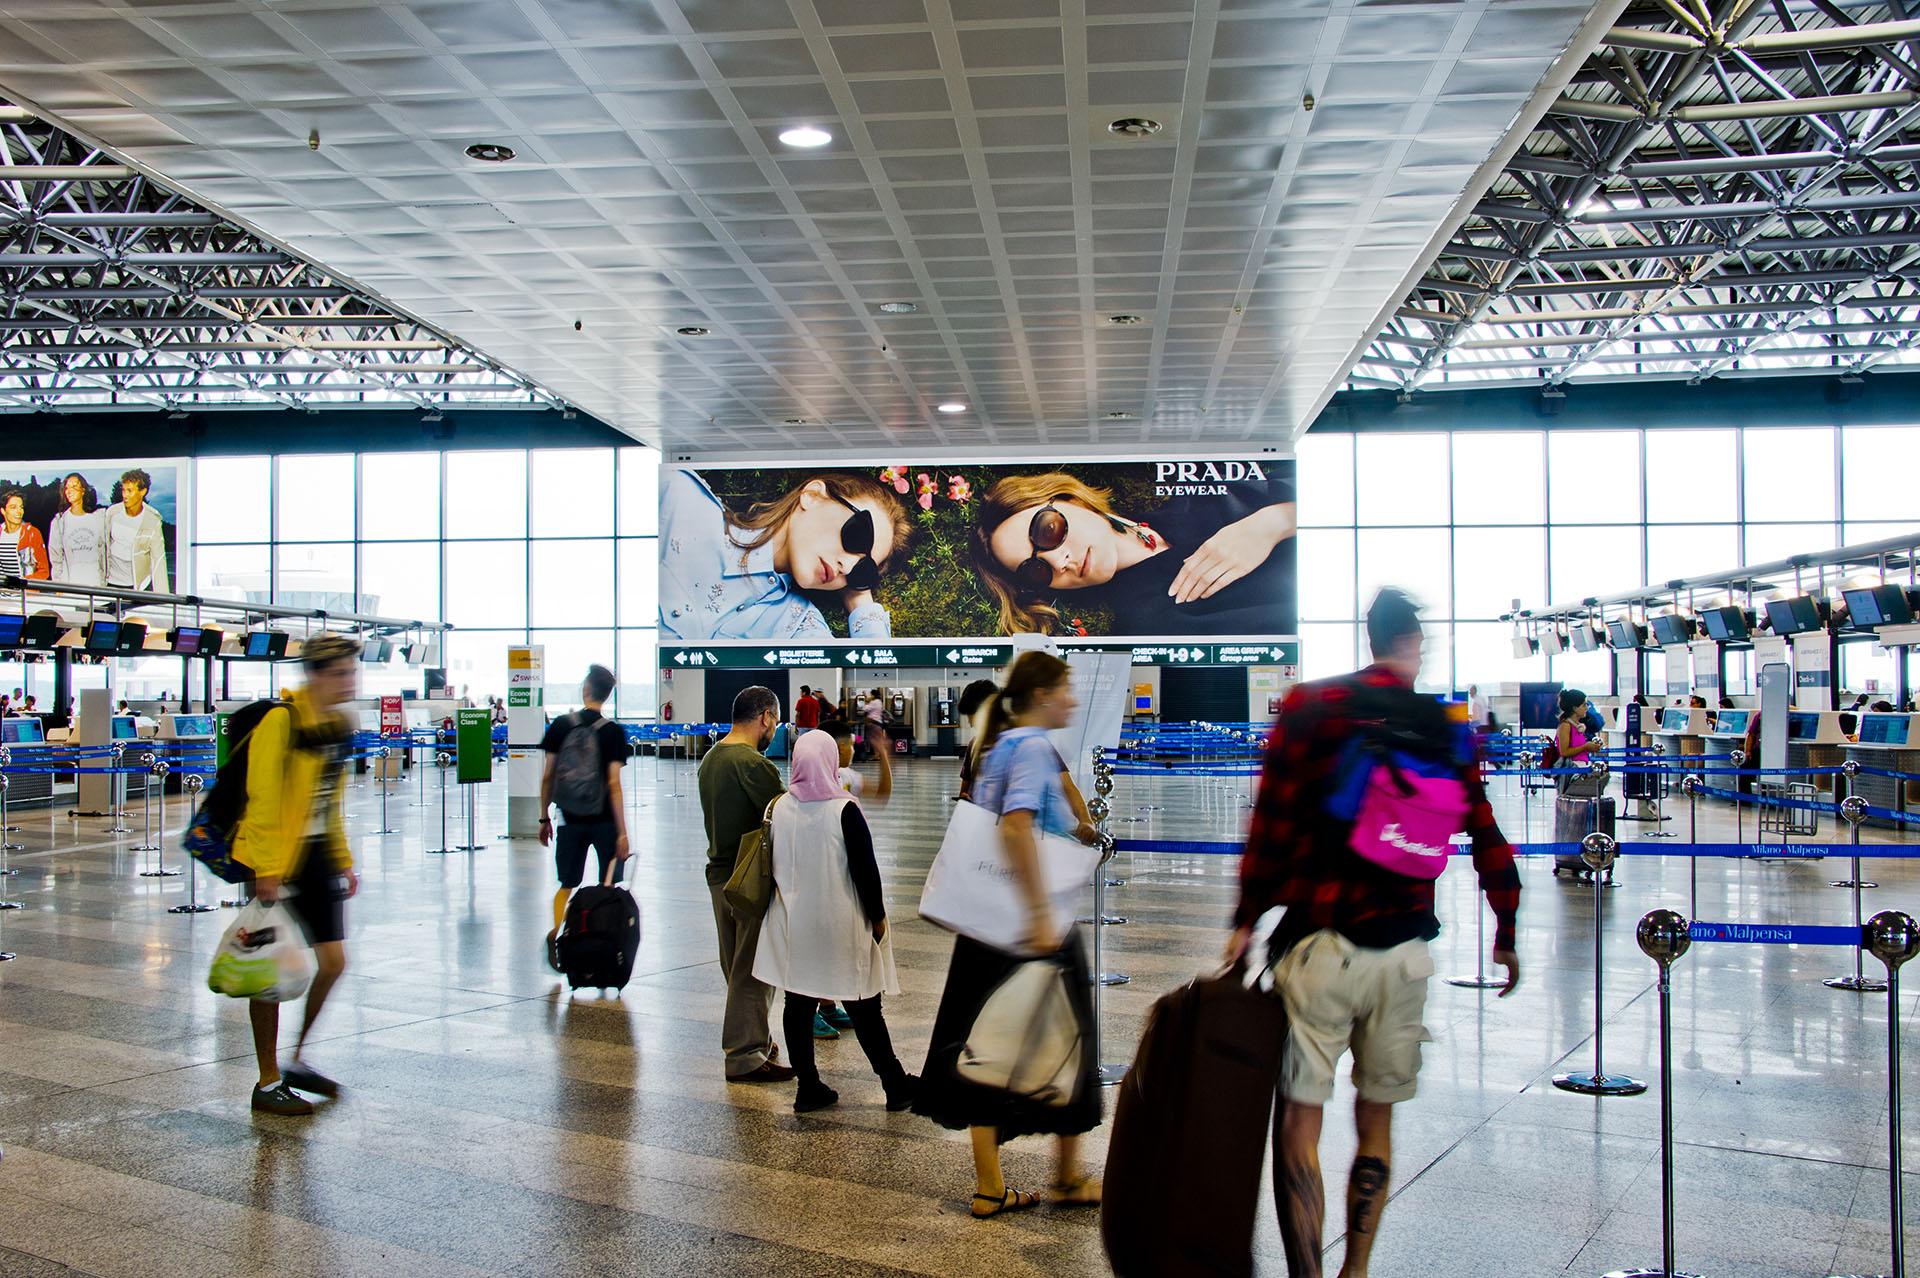 spazio espositivo di alta qualità presso l'aeroporto di Milano Malpensa